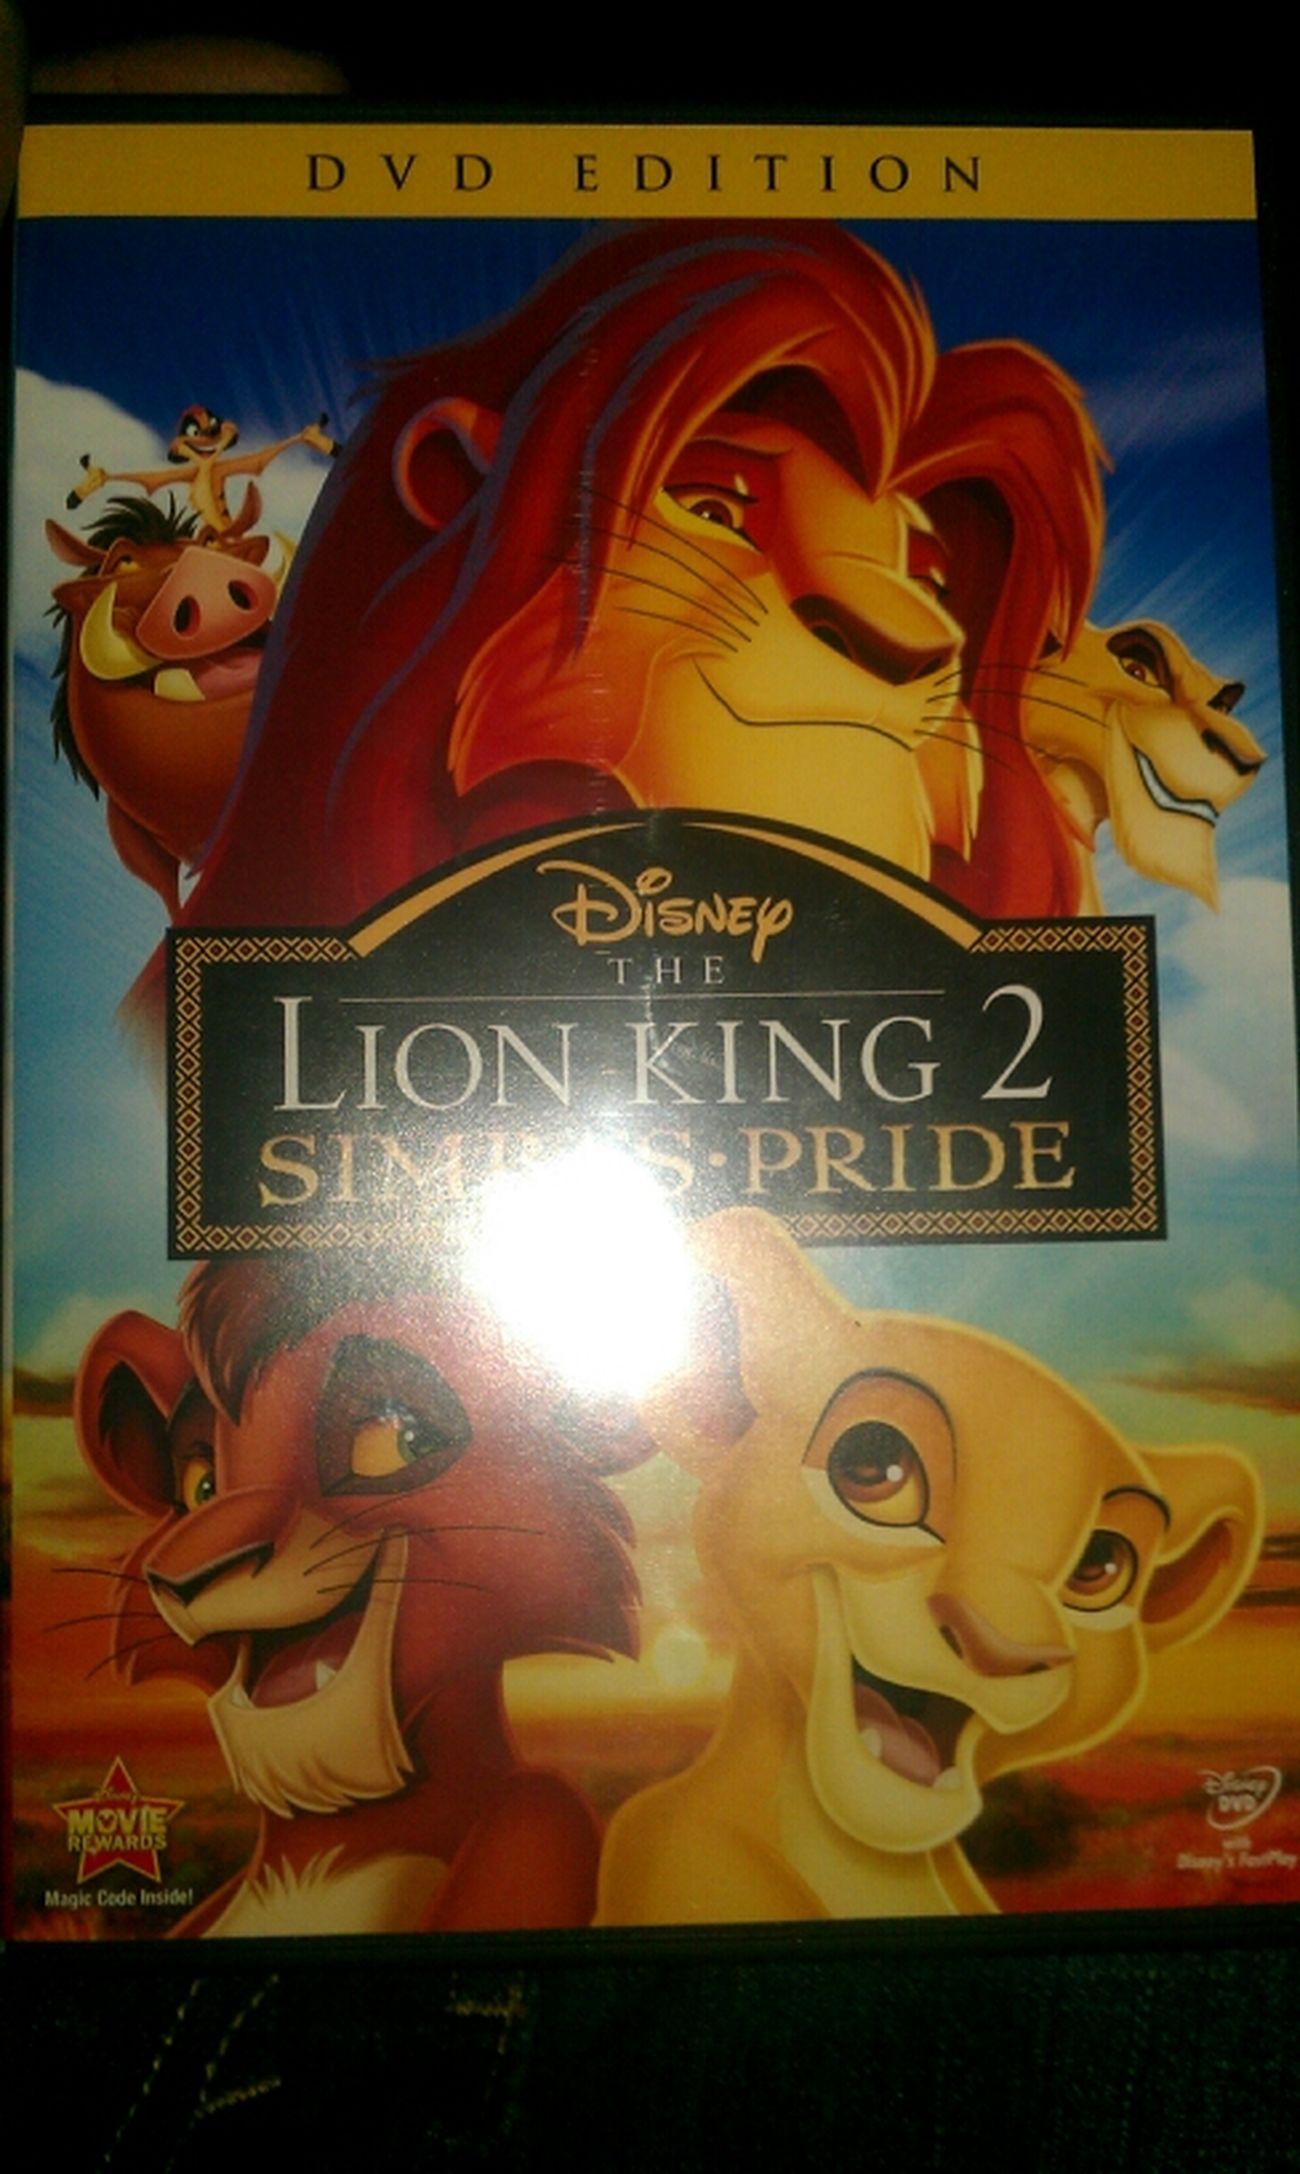 Watchin Dvd